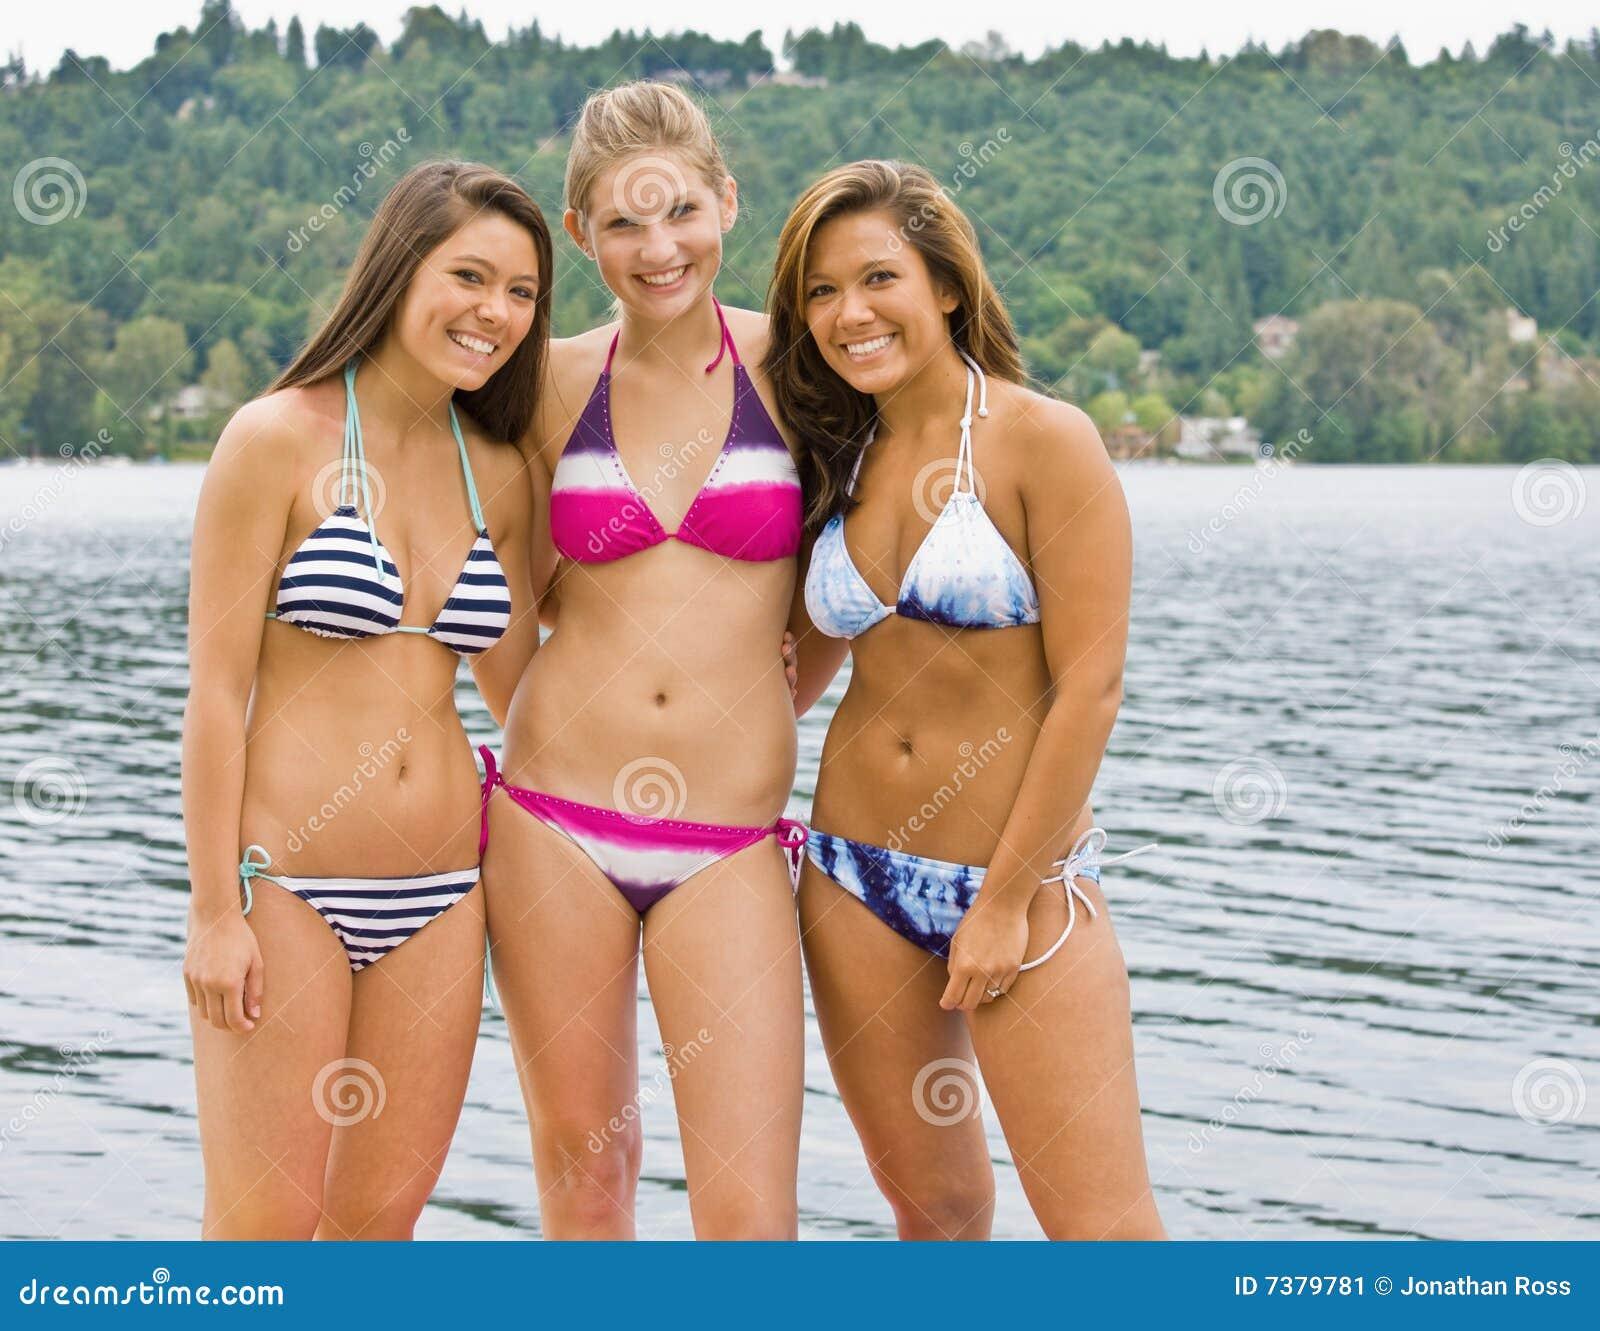 2 Ehrliche Teen Freunde In Bikinis